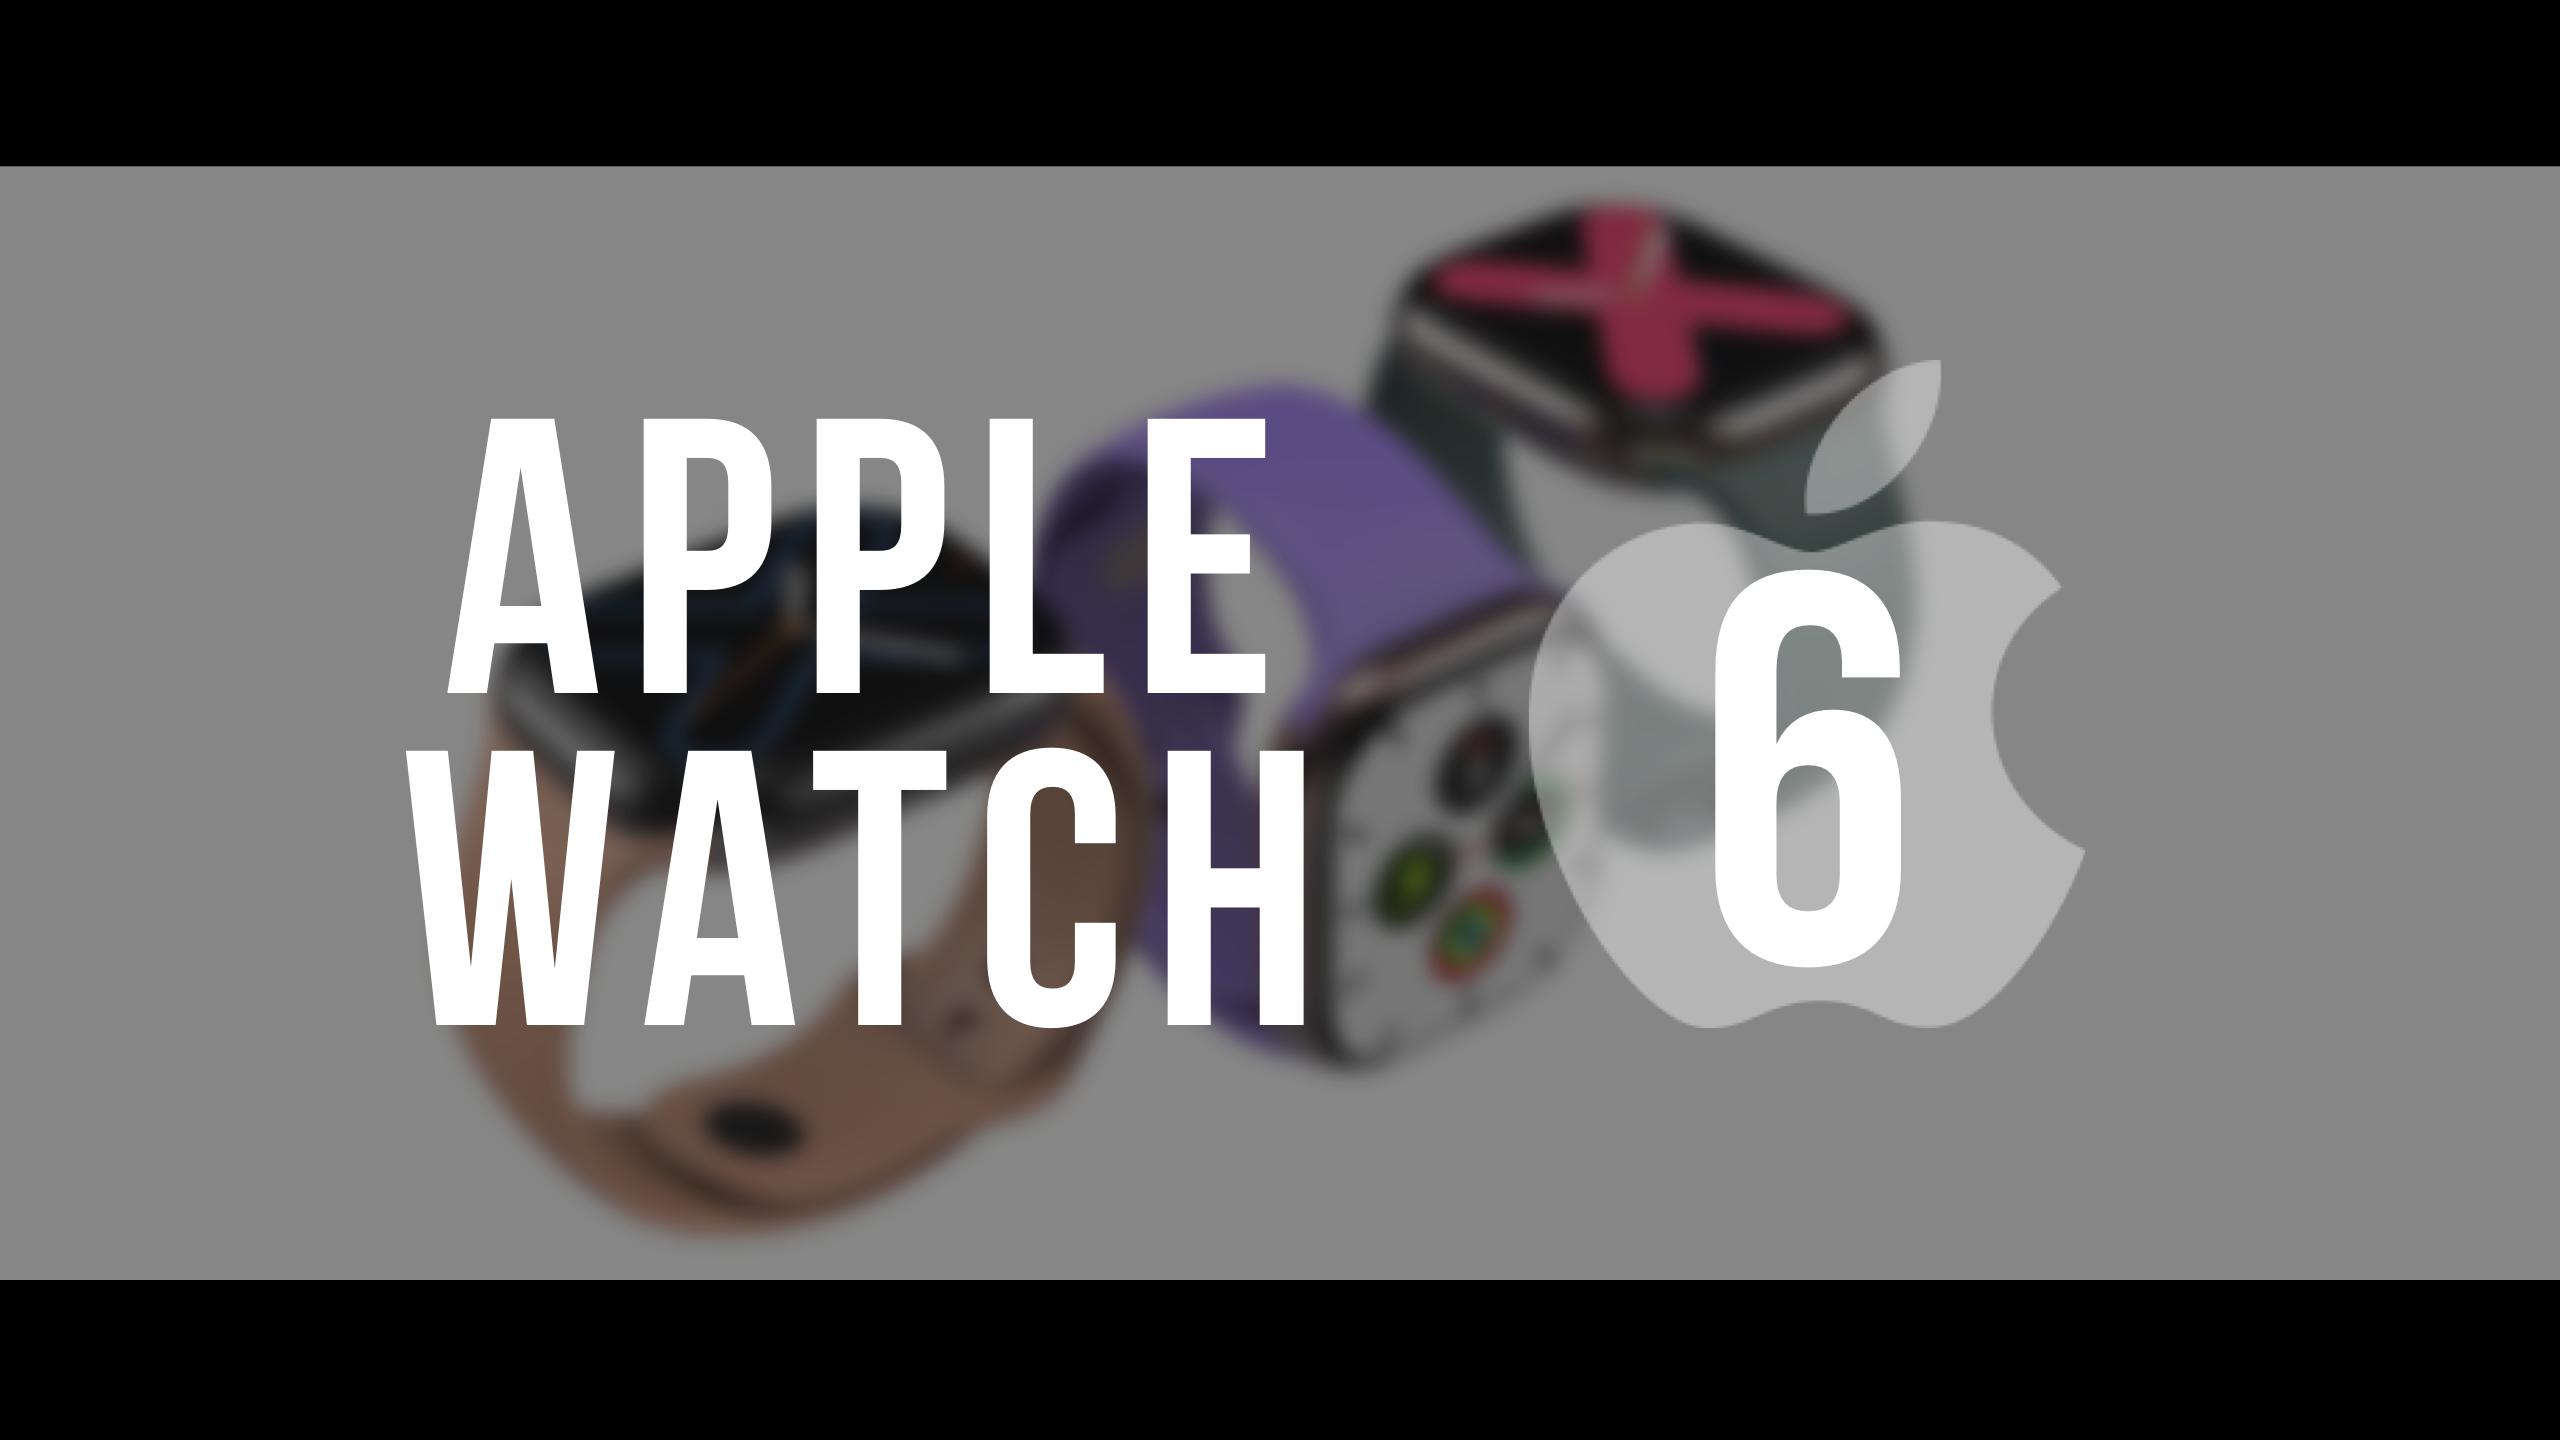 【2020年】新型Apple Watch 6の噂 発売日や新機能など最新情報まとめ!【MoNomad】